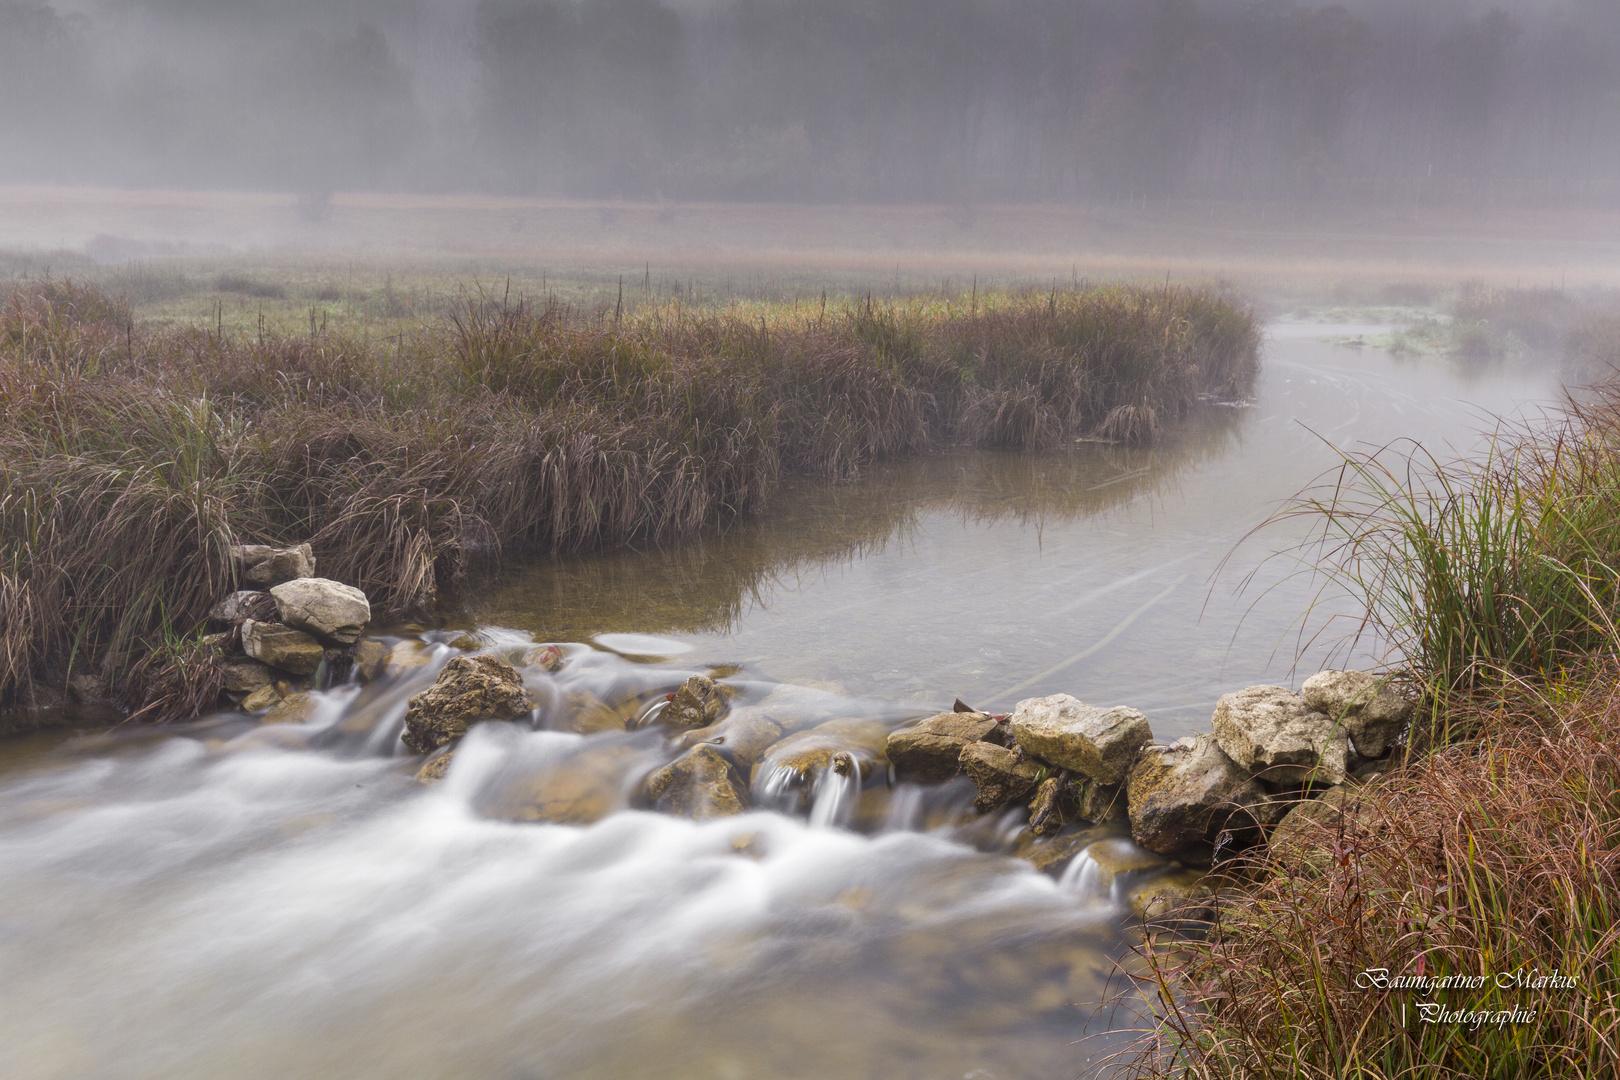 Morgendliche Nebelstimmung am Mittersee in Ruhpolding